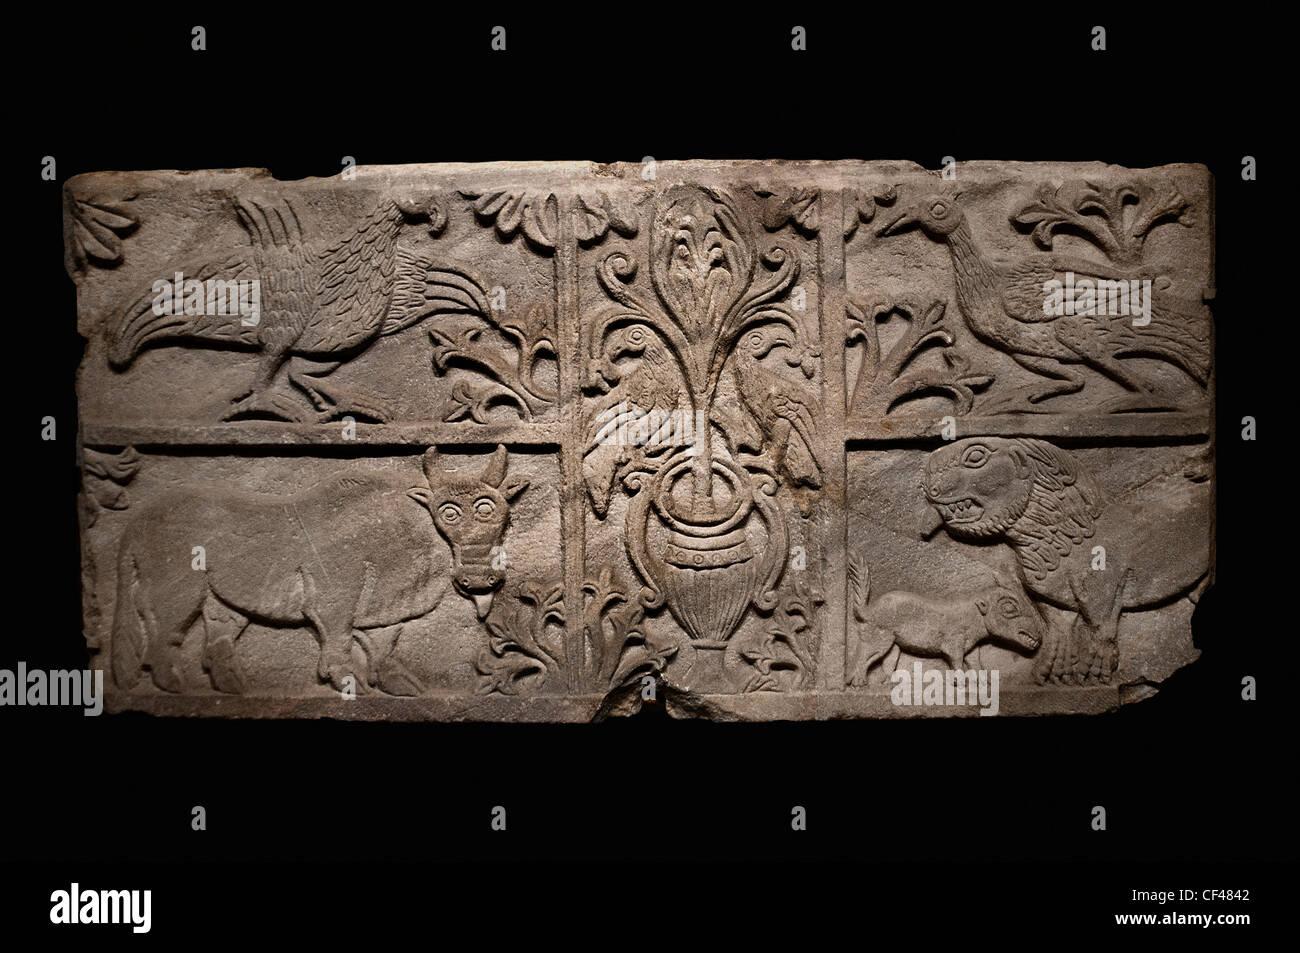 Vorderseite der Altar geschmückt mit symbolischen Darstellungen Pflanze und Tier 8-9 Cent Italien Italienisch Stockbild